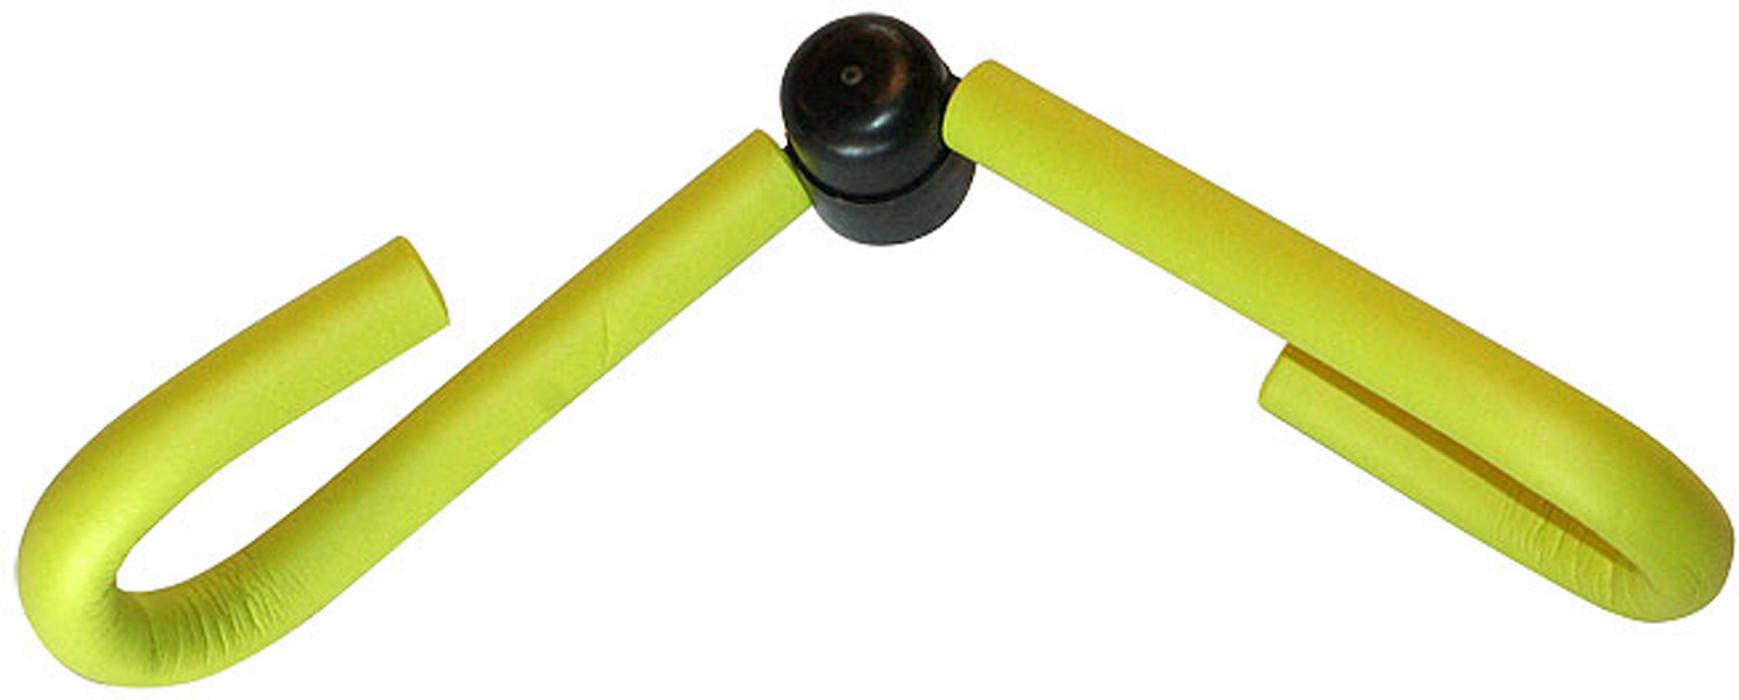 Эспандер Indigo Тай Мастер, на сжатие, цвет: желтый00014920Тренажер Thigh Master (Тай Мастер) – это легкий и компактный, эффективный и удобный тренажер-экспандер для использования в домашних условиях. Тренажер Тай Мастер укрепляет грудные мышцы, формирует упругую грудь, ягодицы и внутреннюю часть бедер. Занимаясь на тренажере всего по двадцать минут в день можно добиться потрясающих результатов, получив стройное, подтянутое и красивое тело.